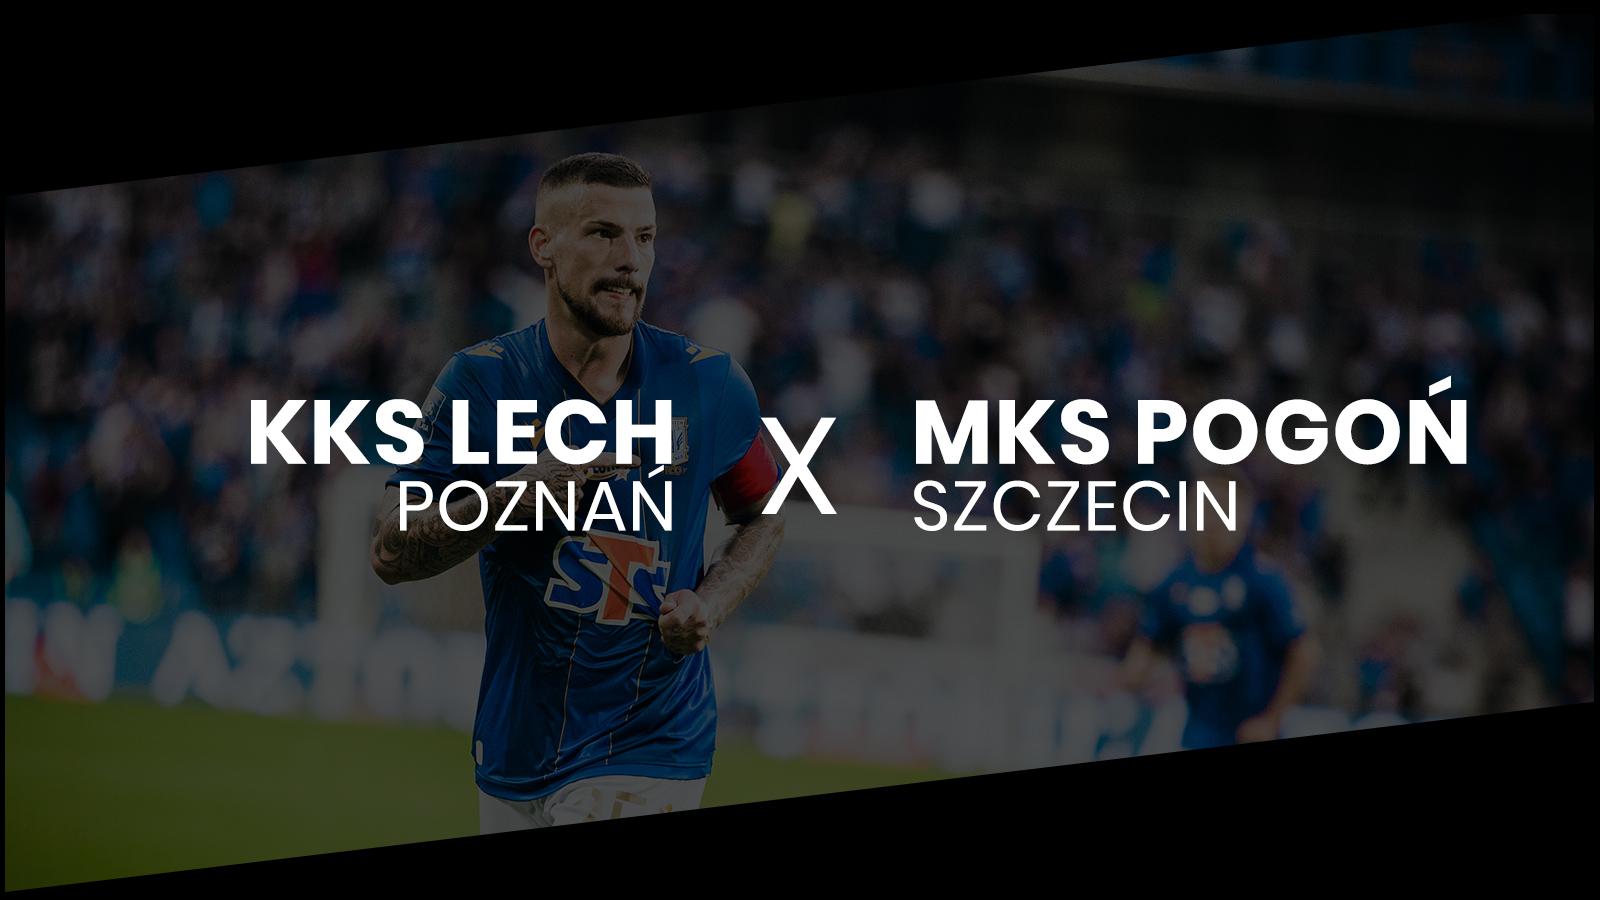 Lech Poznań - Pogoń Szczecin photo: Kuba Malicki